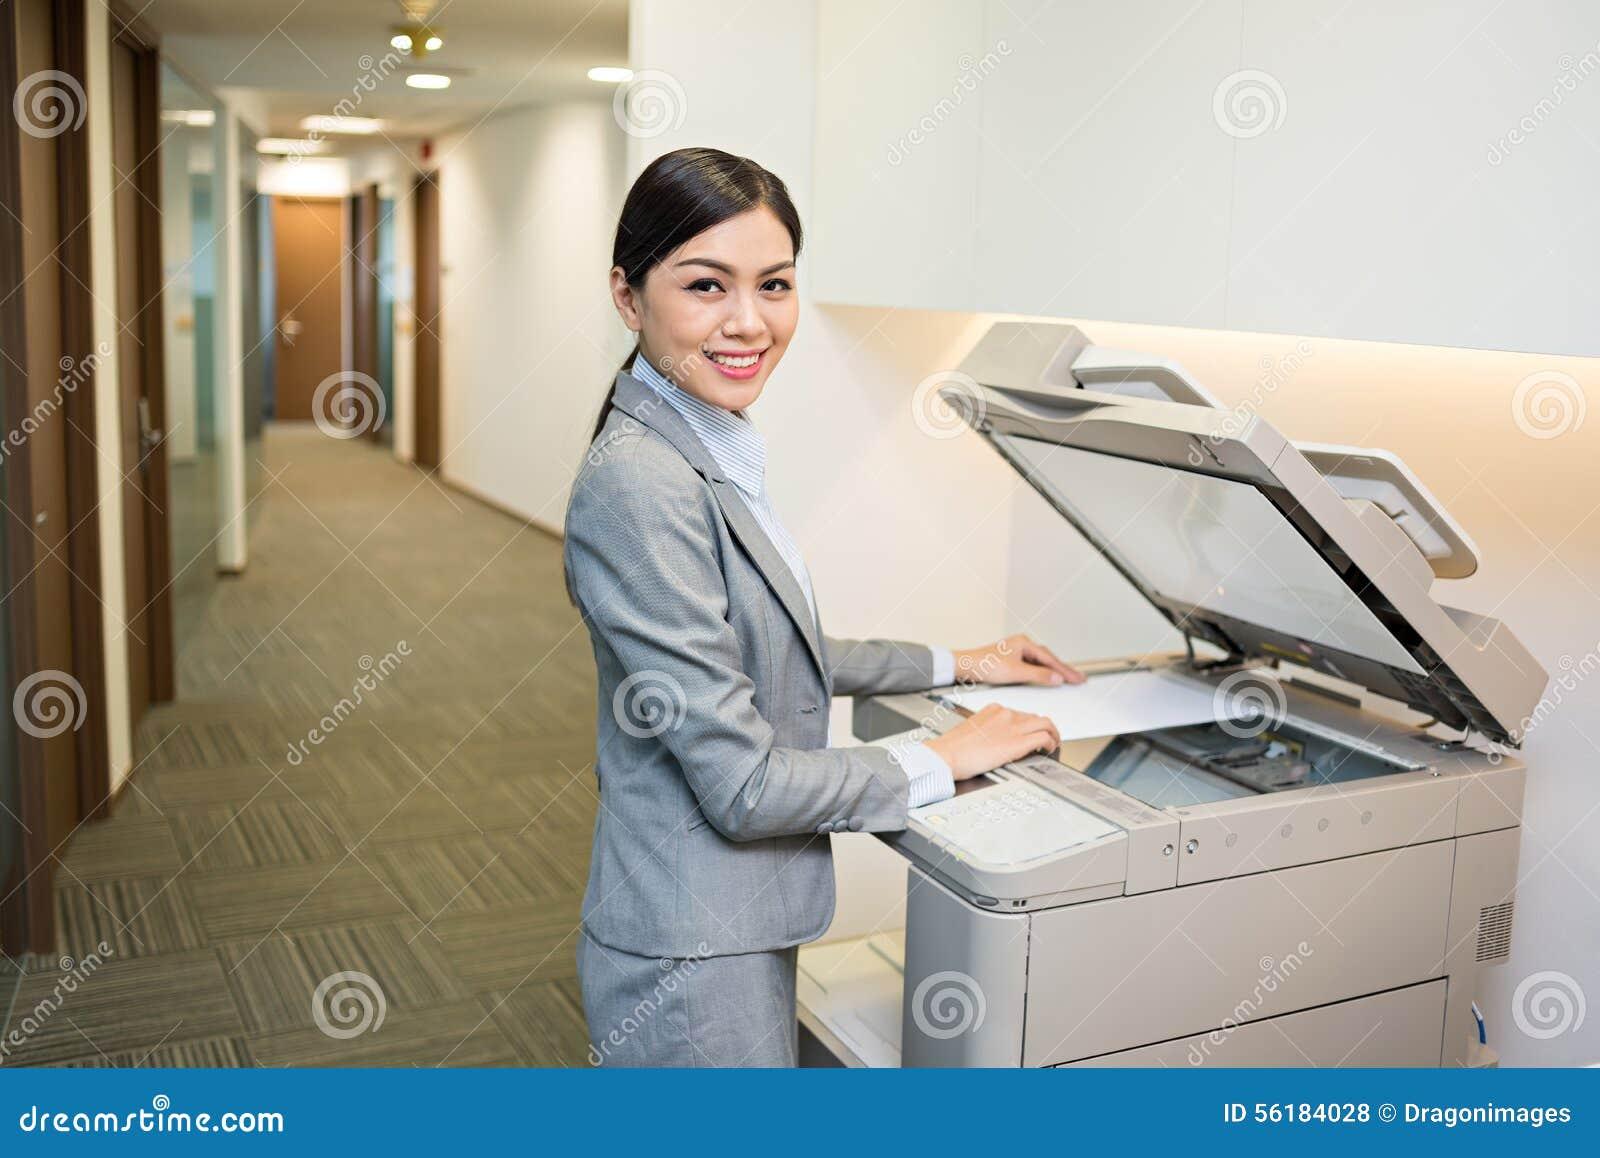 Utilisant la machine de copie